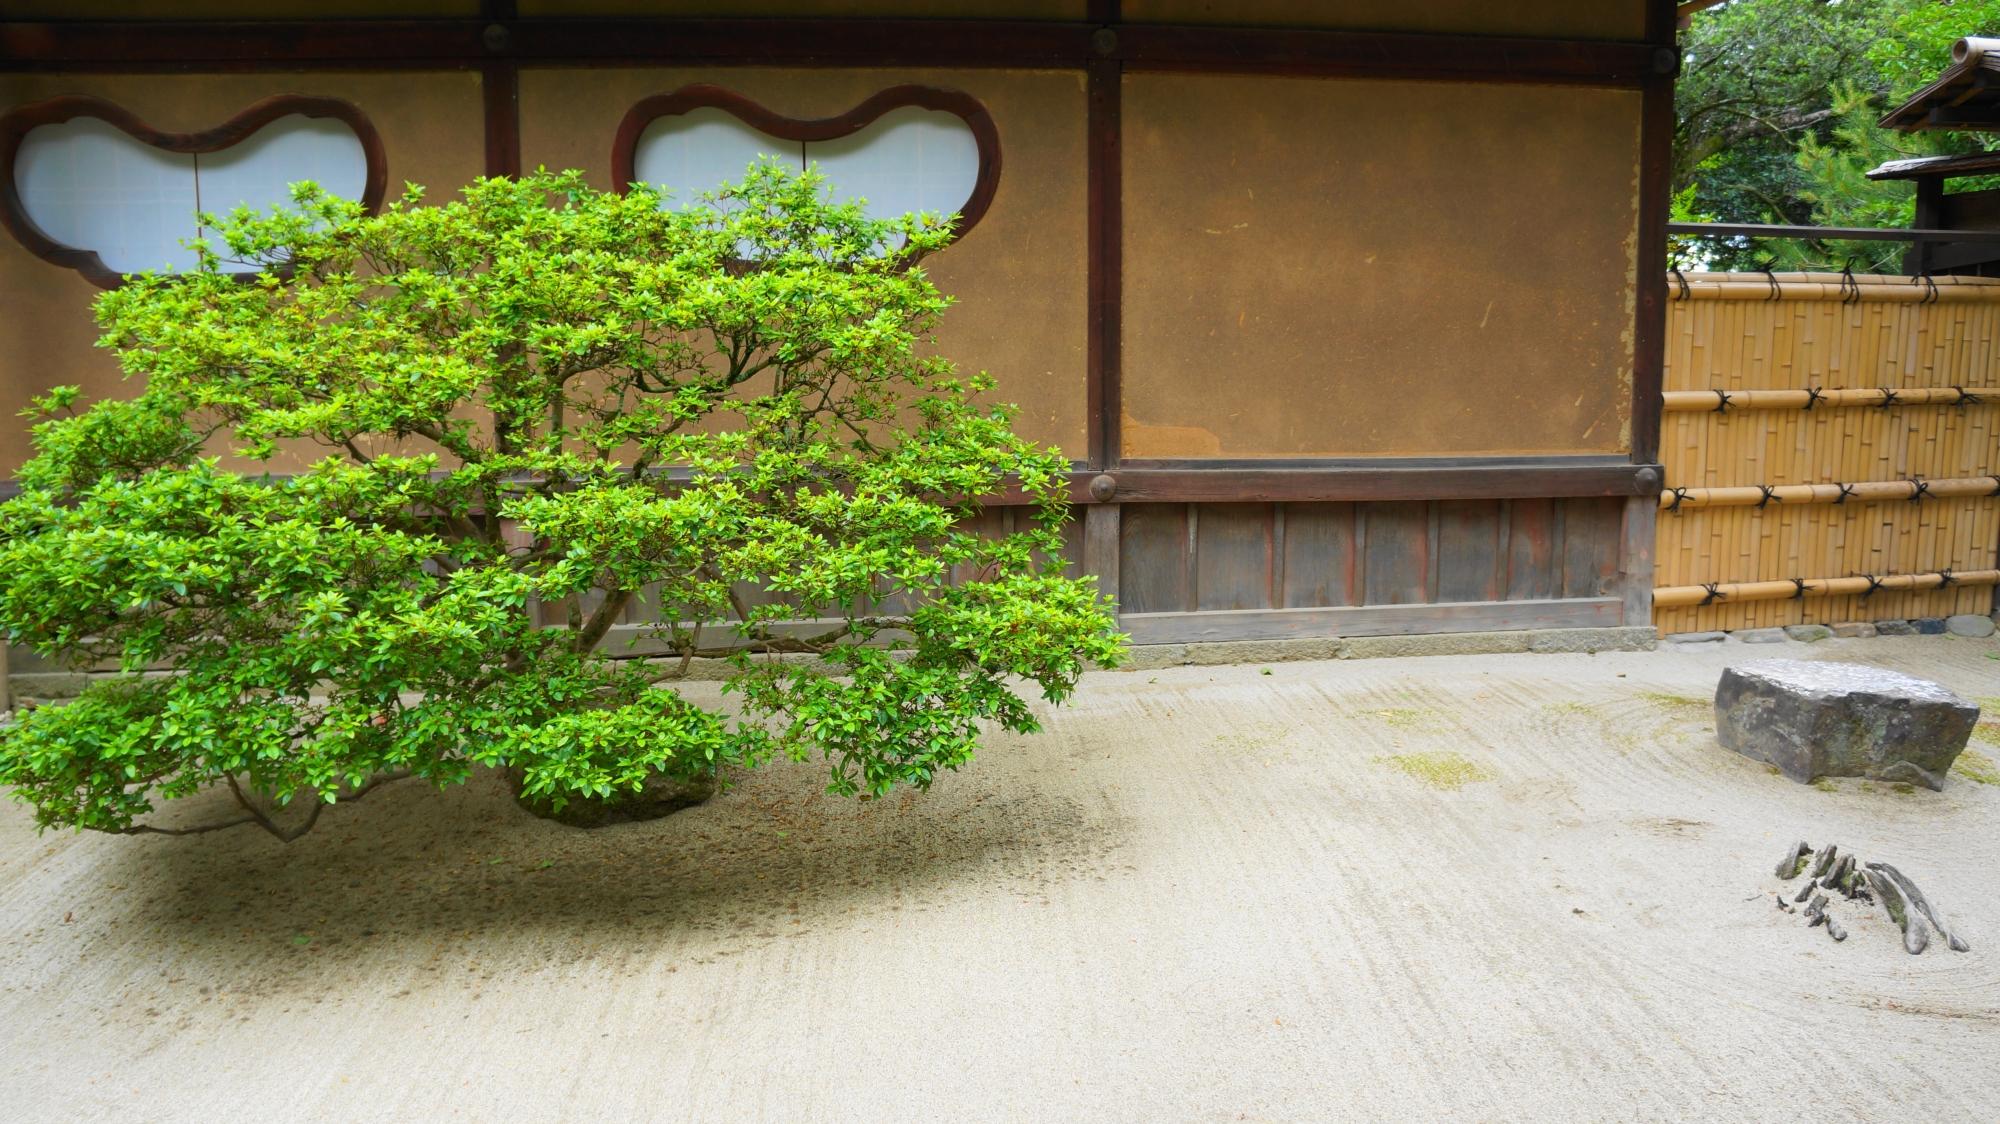 詩仙堂の特徴的な窓とキリシマツツジの緑の刈り込み